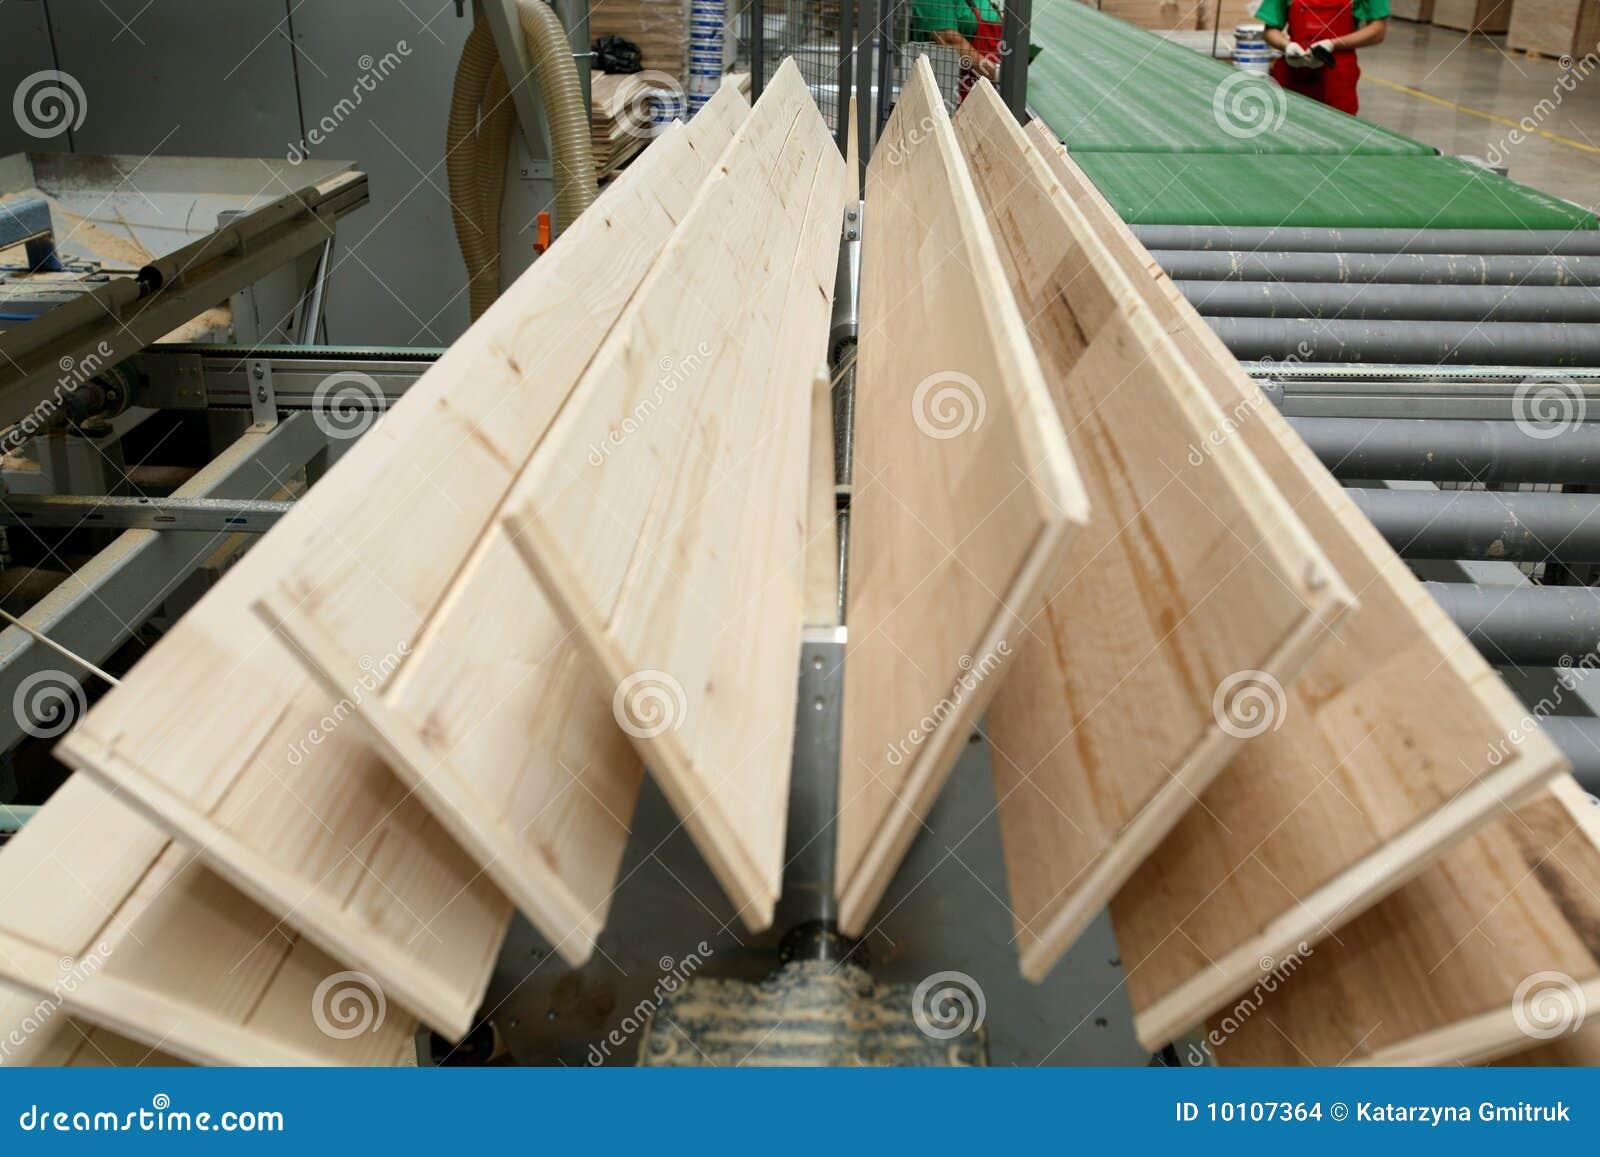 Usine de plancher de bois de construction photo stock for Construction plancher bois etage